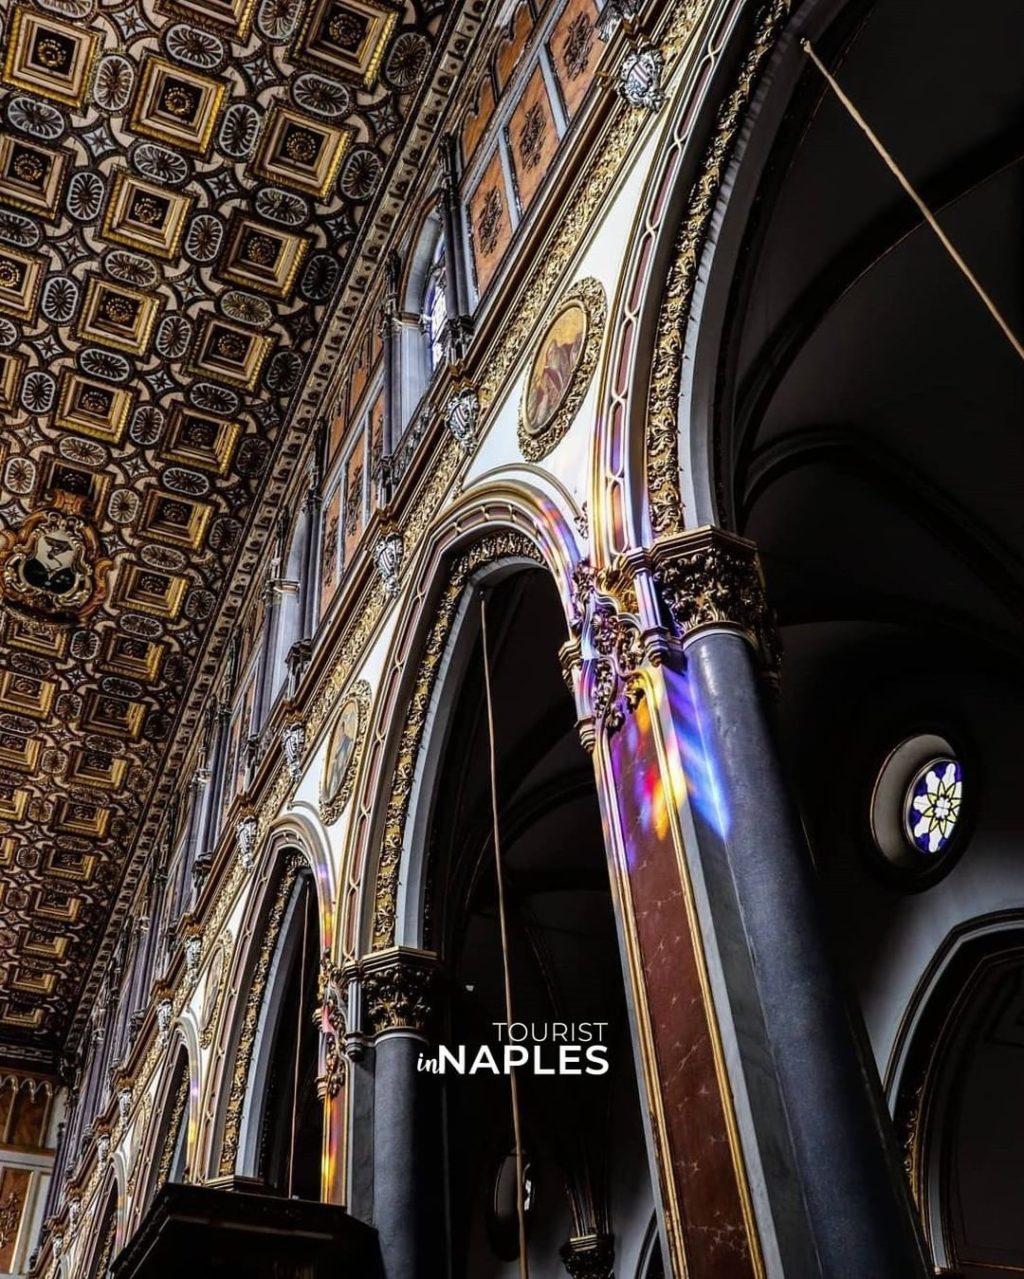 Iglesia de San Domenico Maggiore